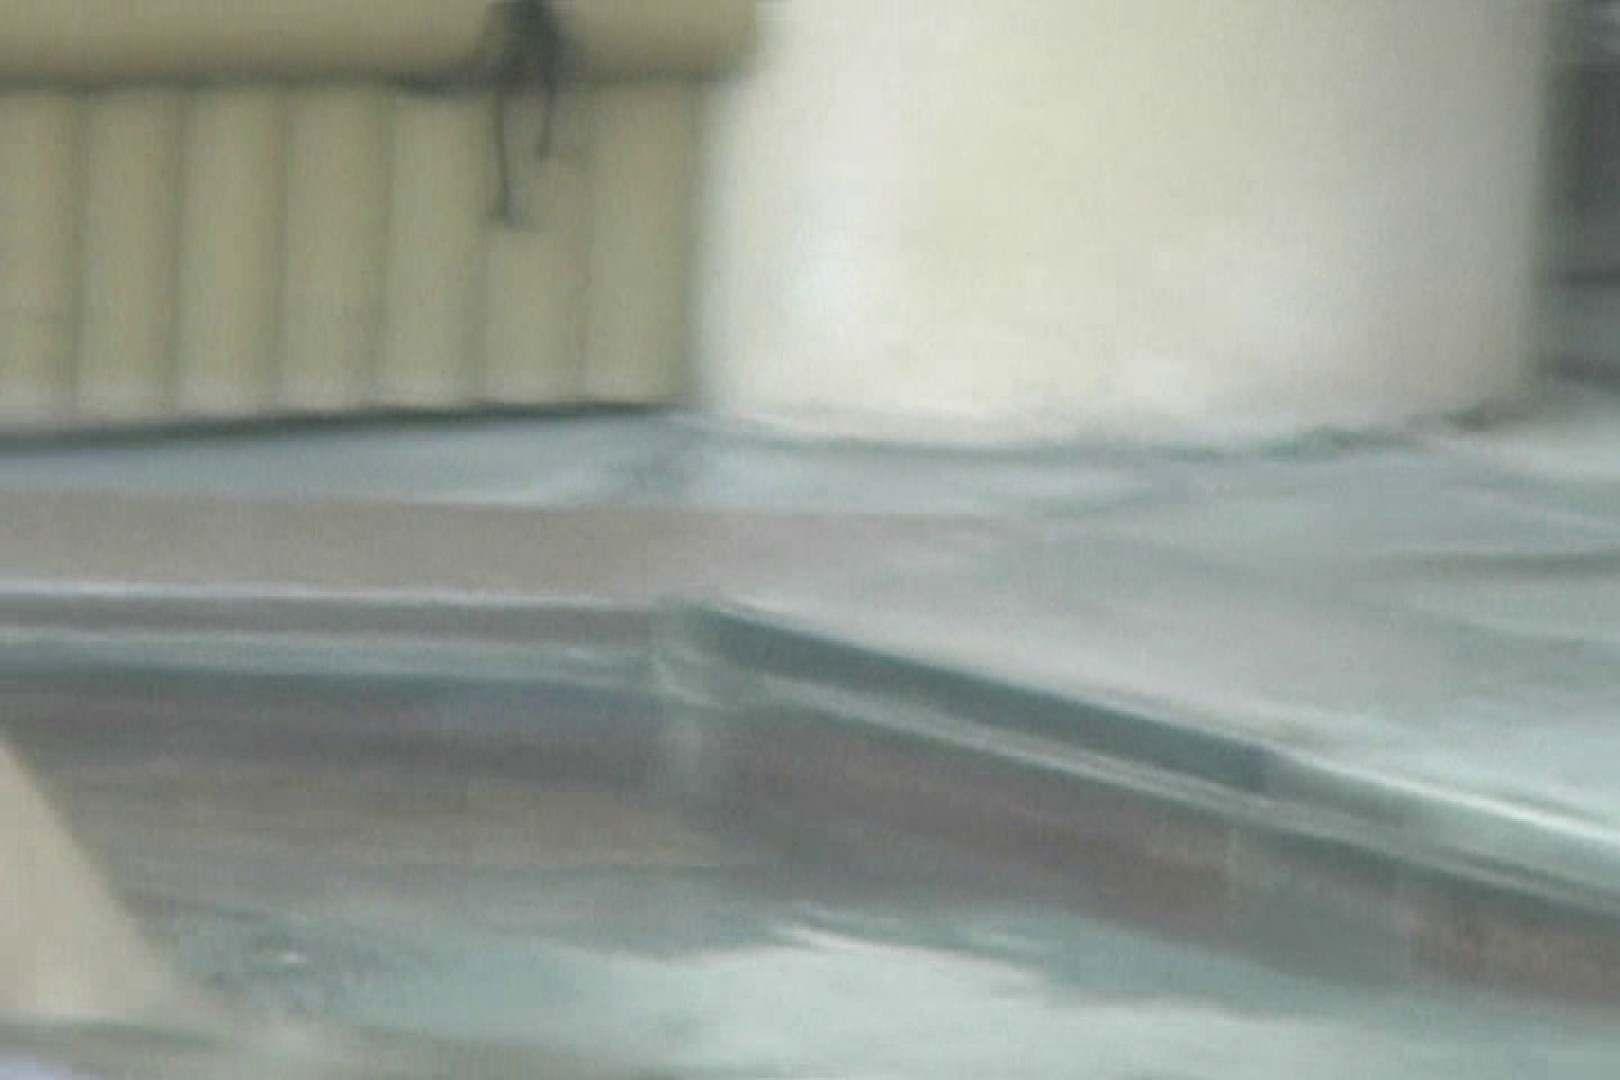 Aquaな露天風呂Vol.590 0 | 0  112pic 1